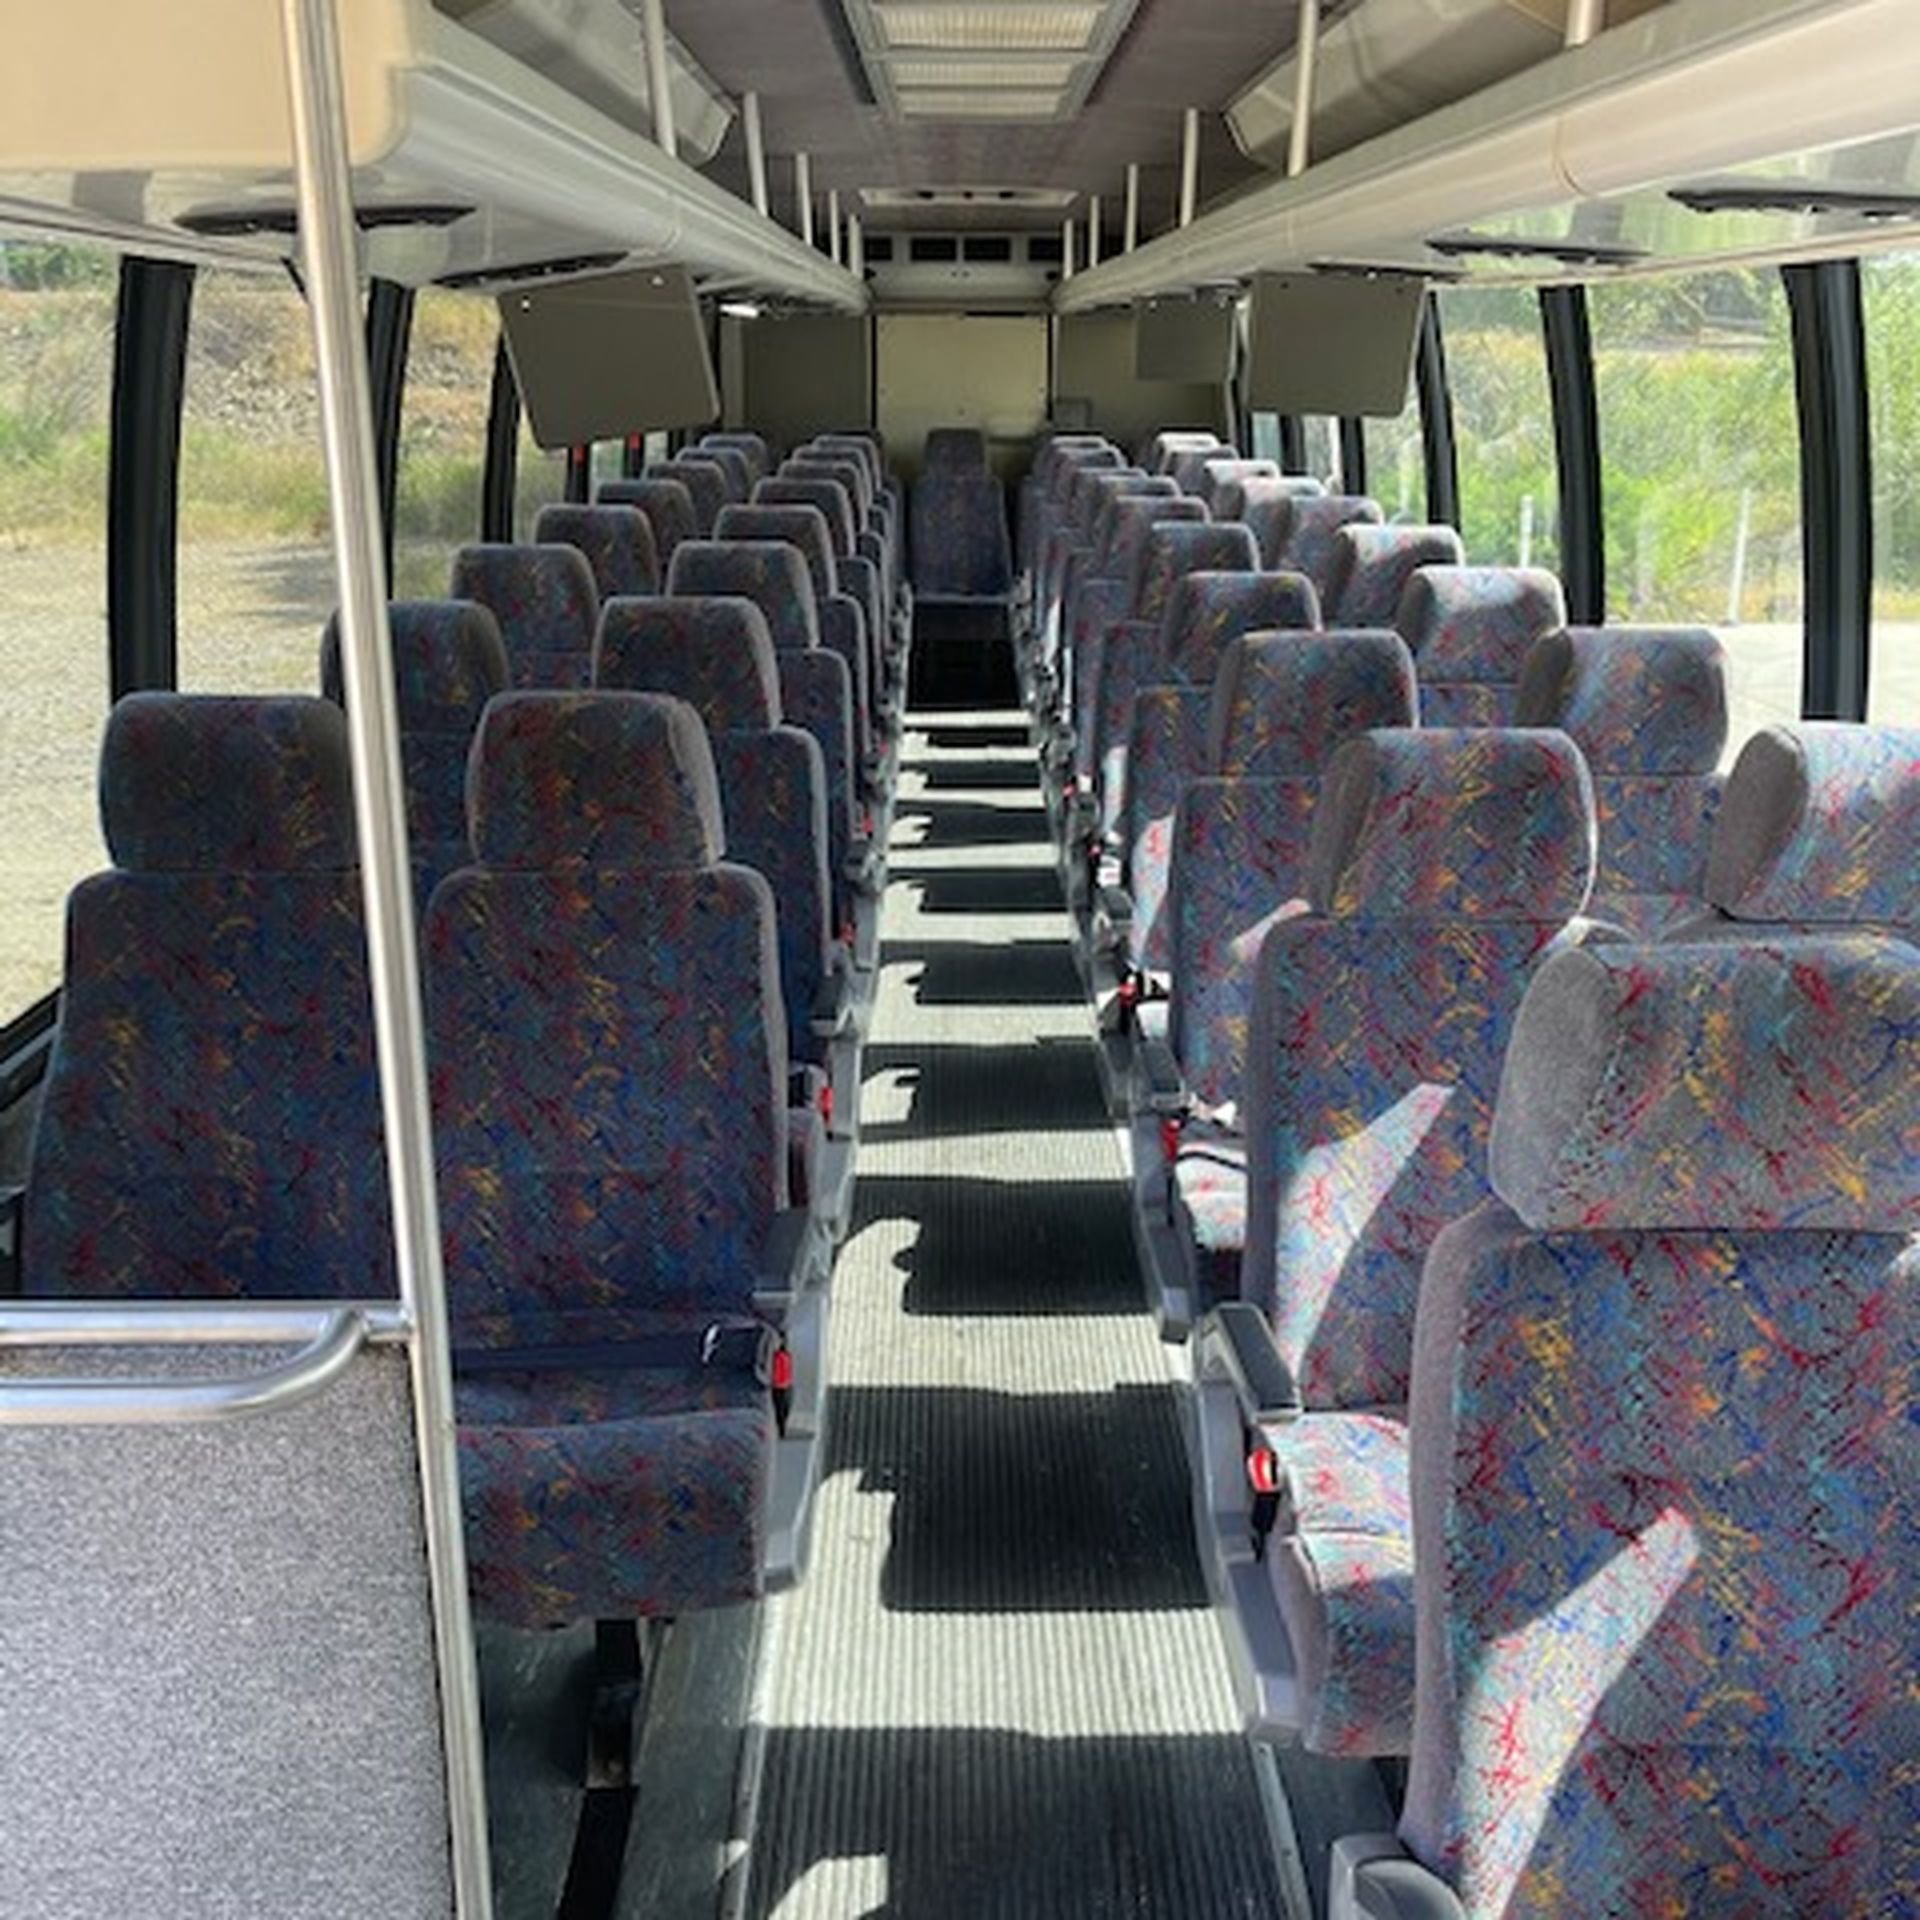 2007 INTERNATIONAL 3200 DT466 Diesel Bus 41 Passengers